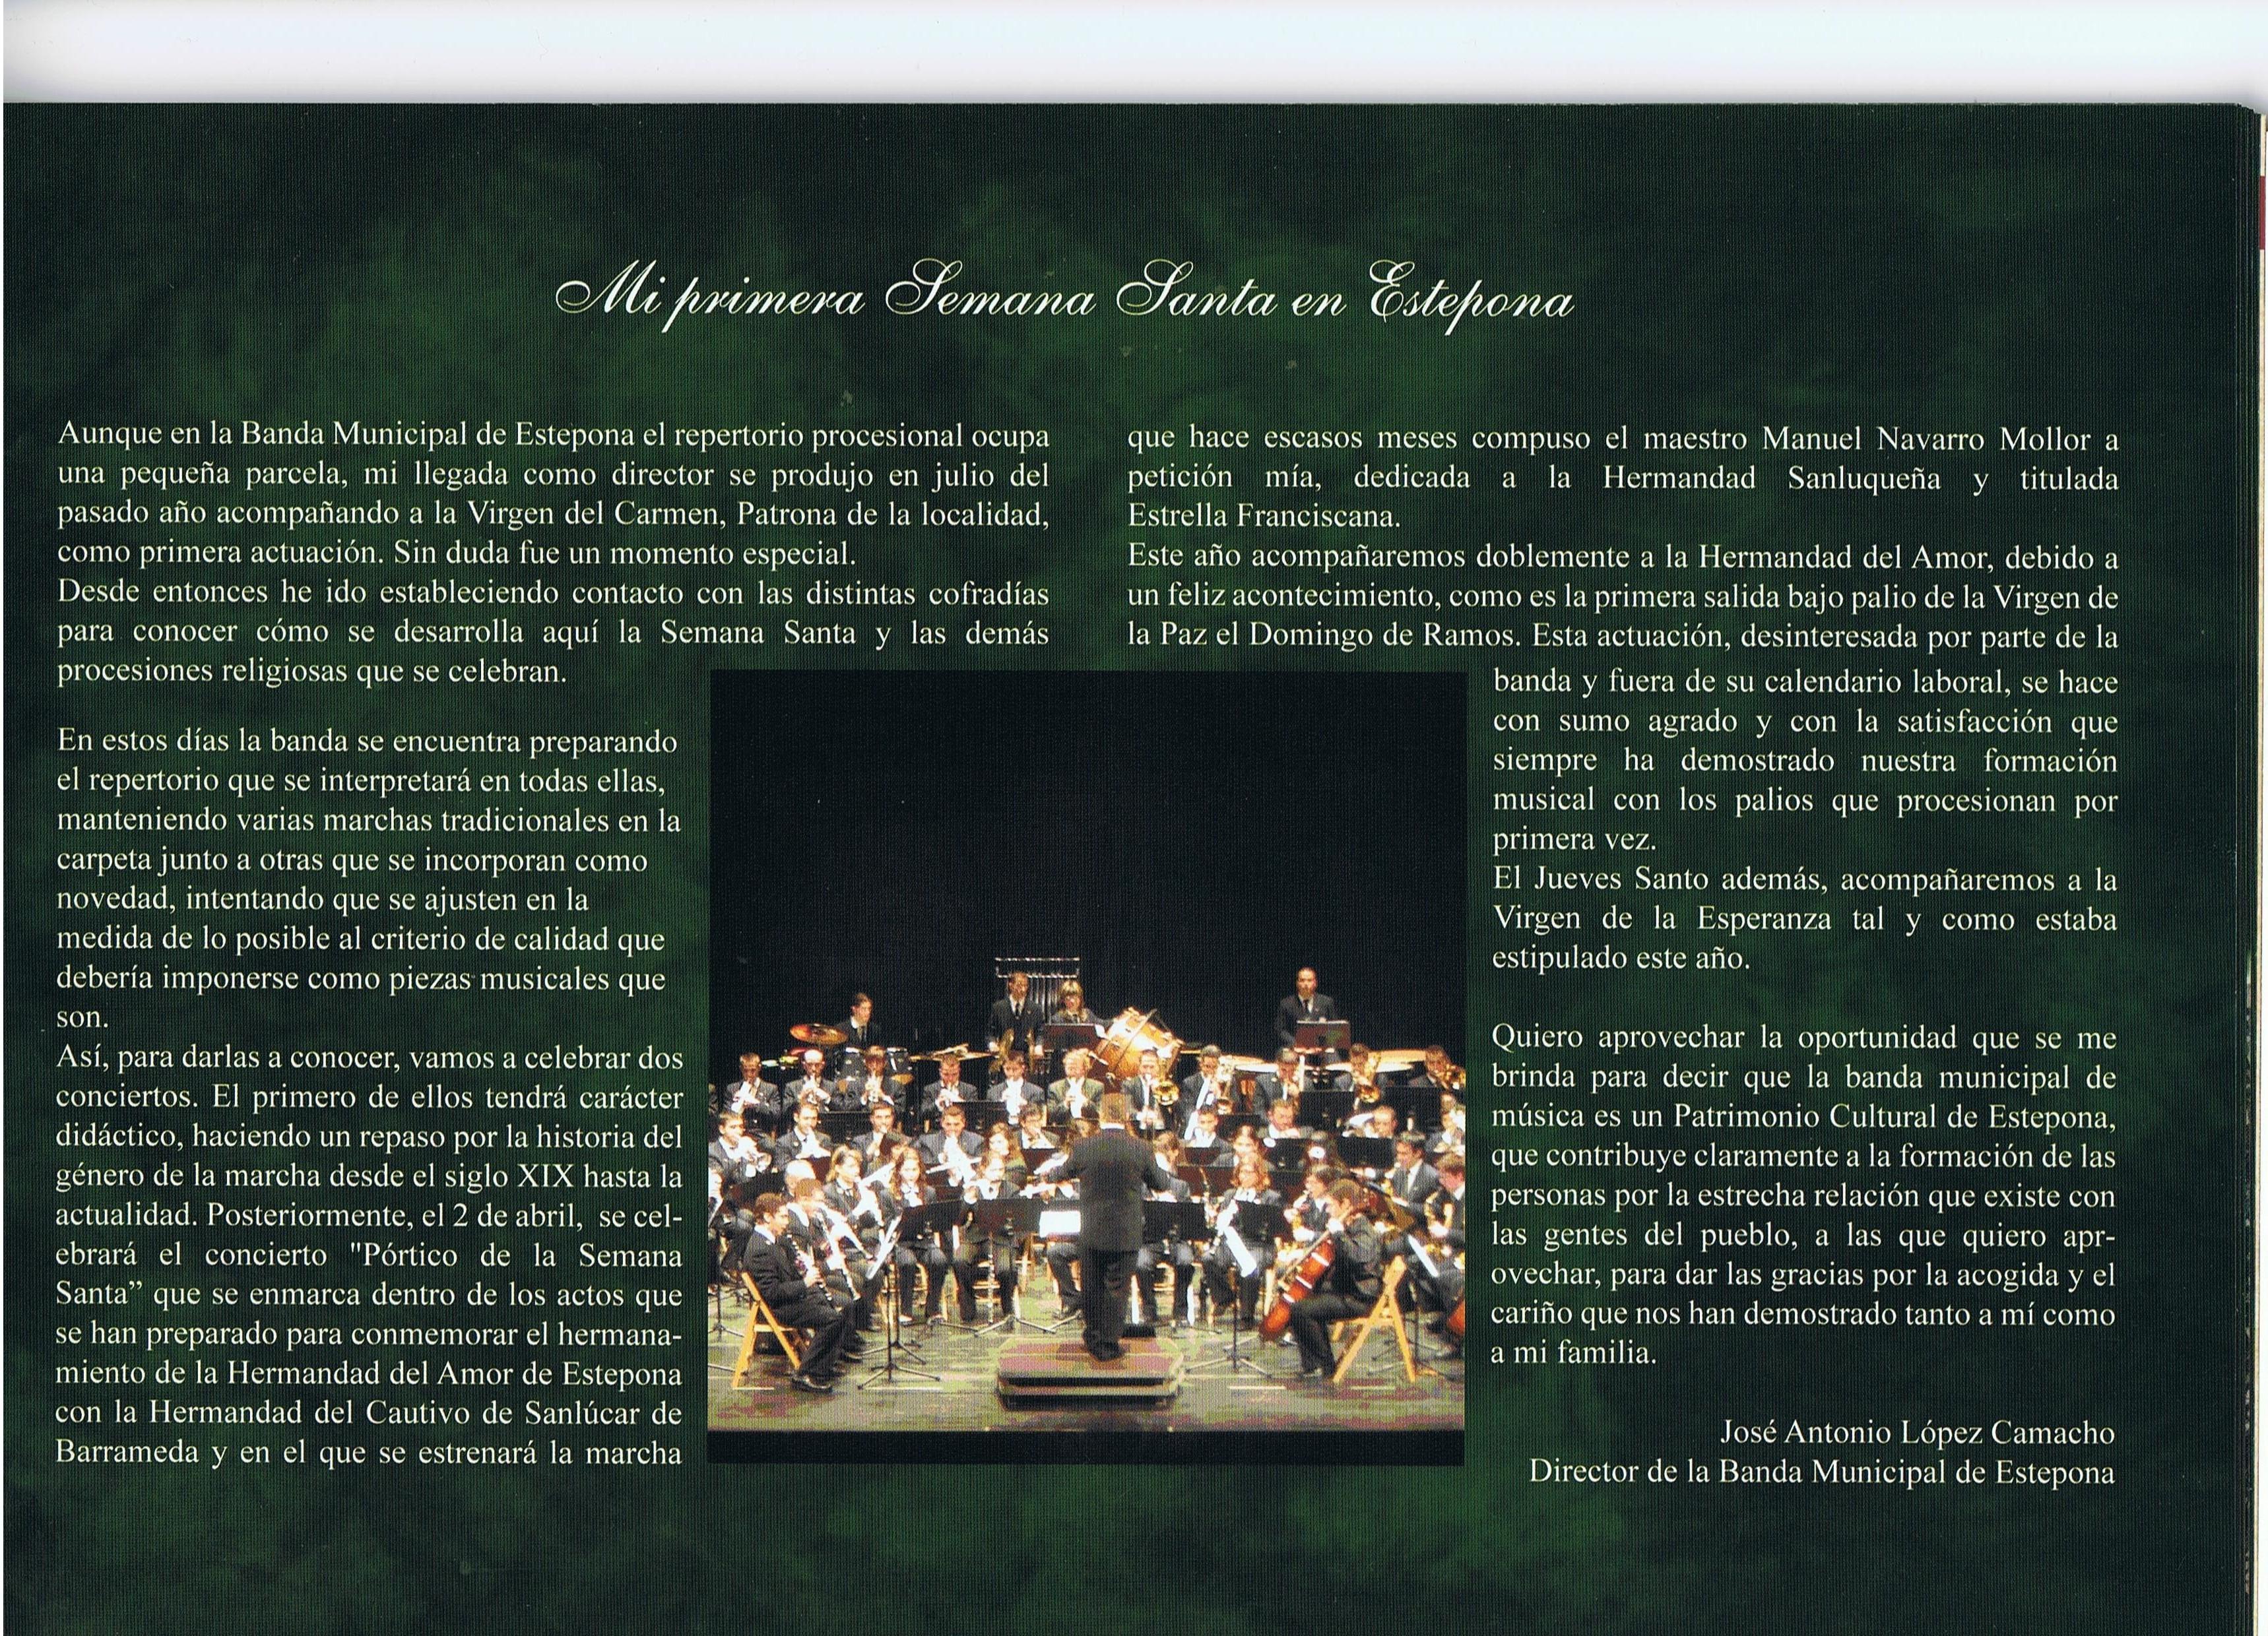 Artículo en la Revista de la Semana Santa 2011